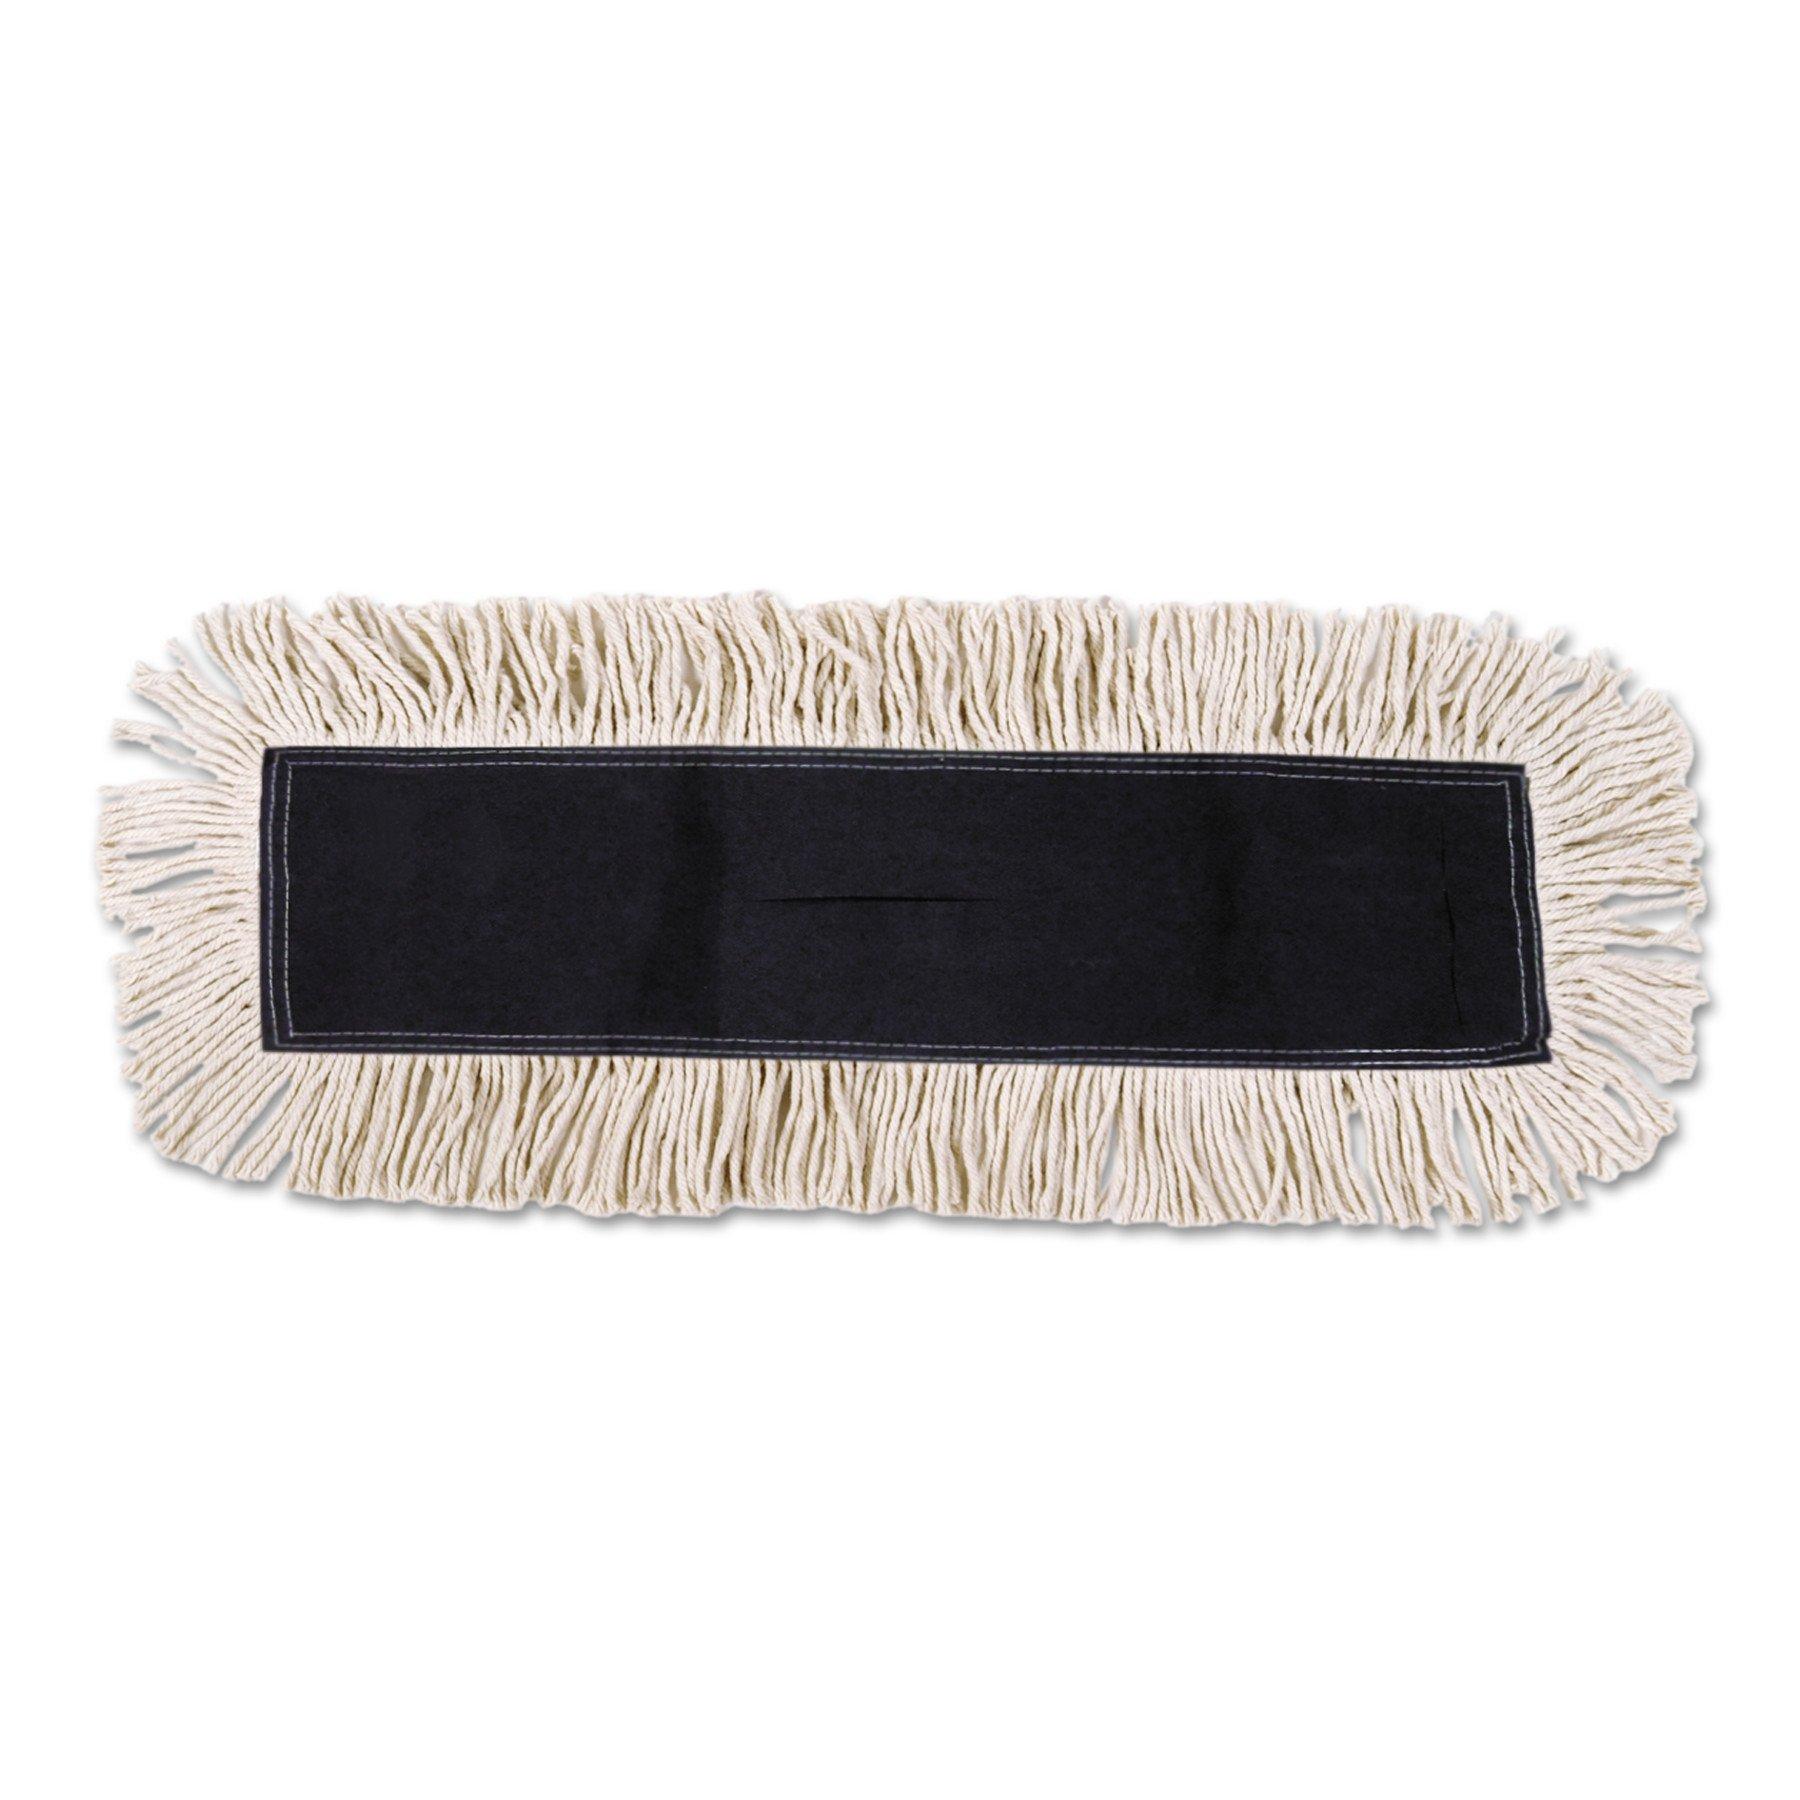 Boardwalk 1648 Mop Head, Dust, Cotton/Synthetic Fibers, 48 x 5, White